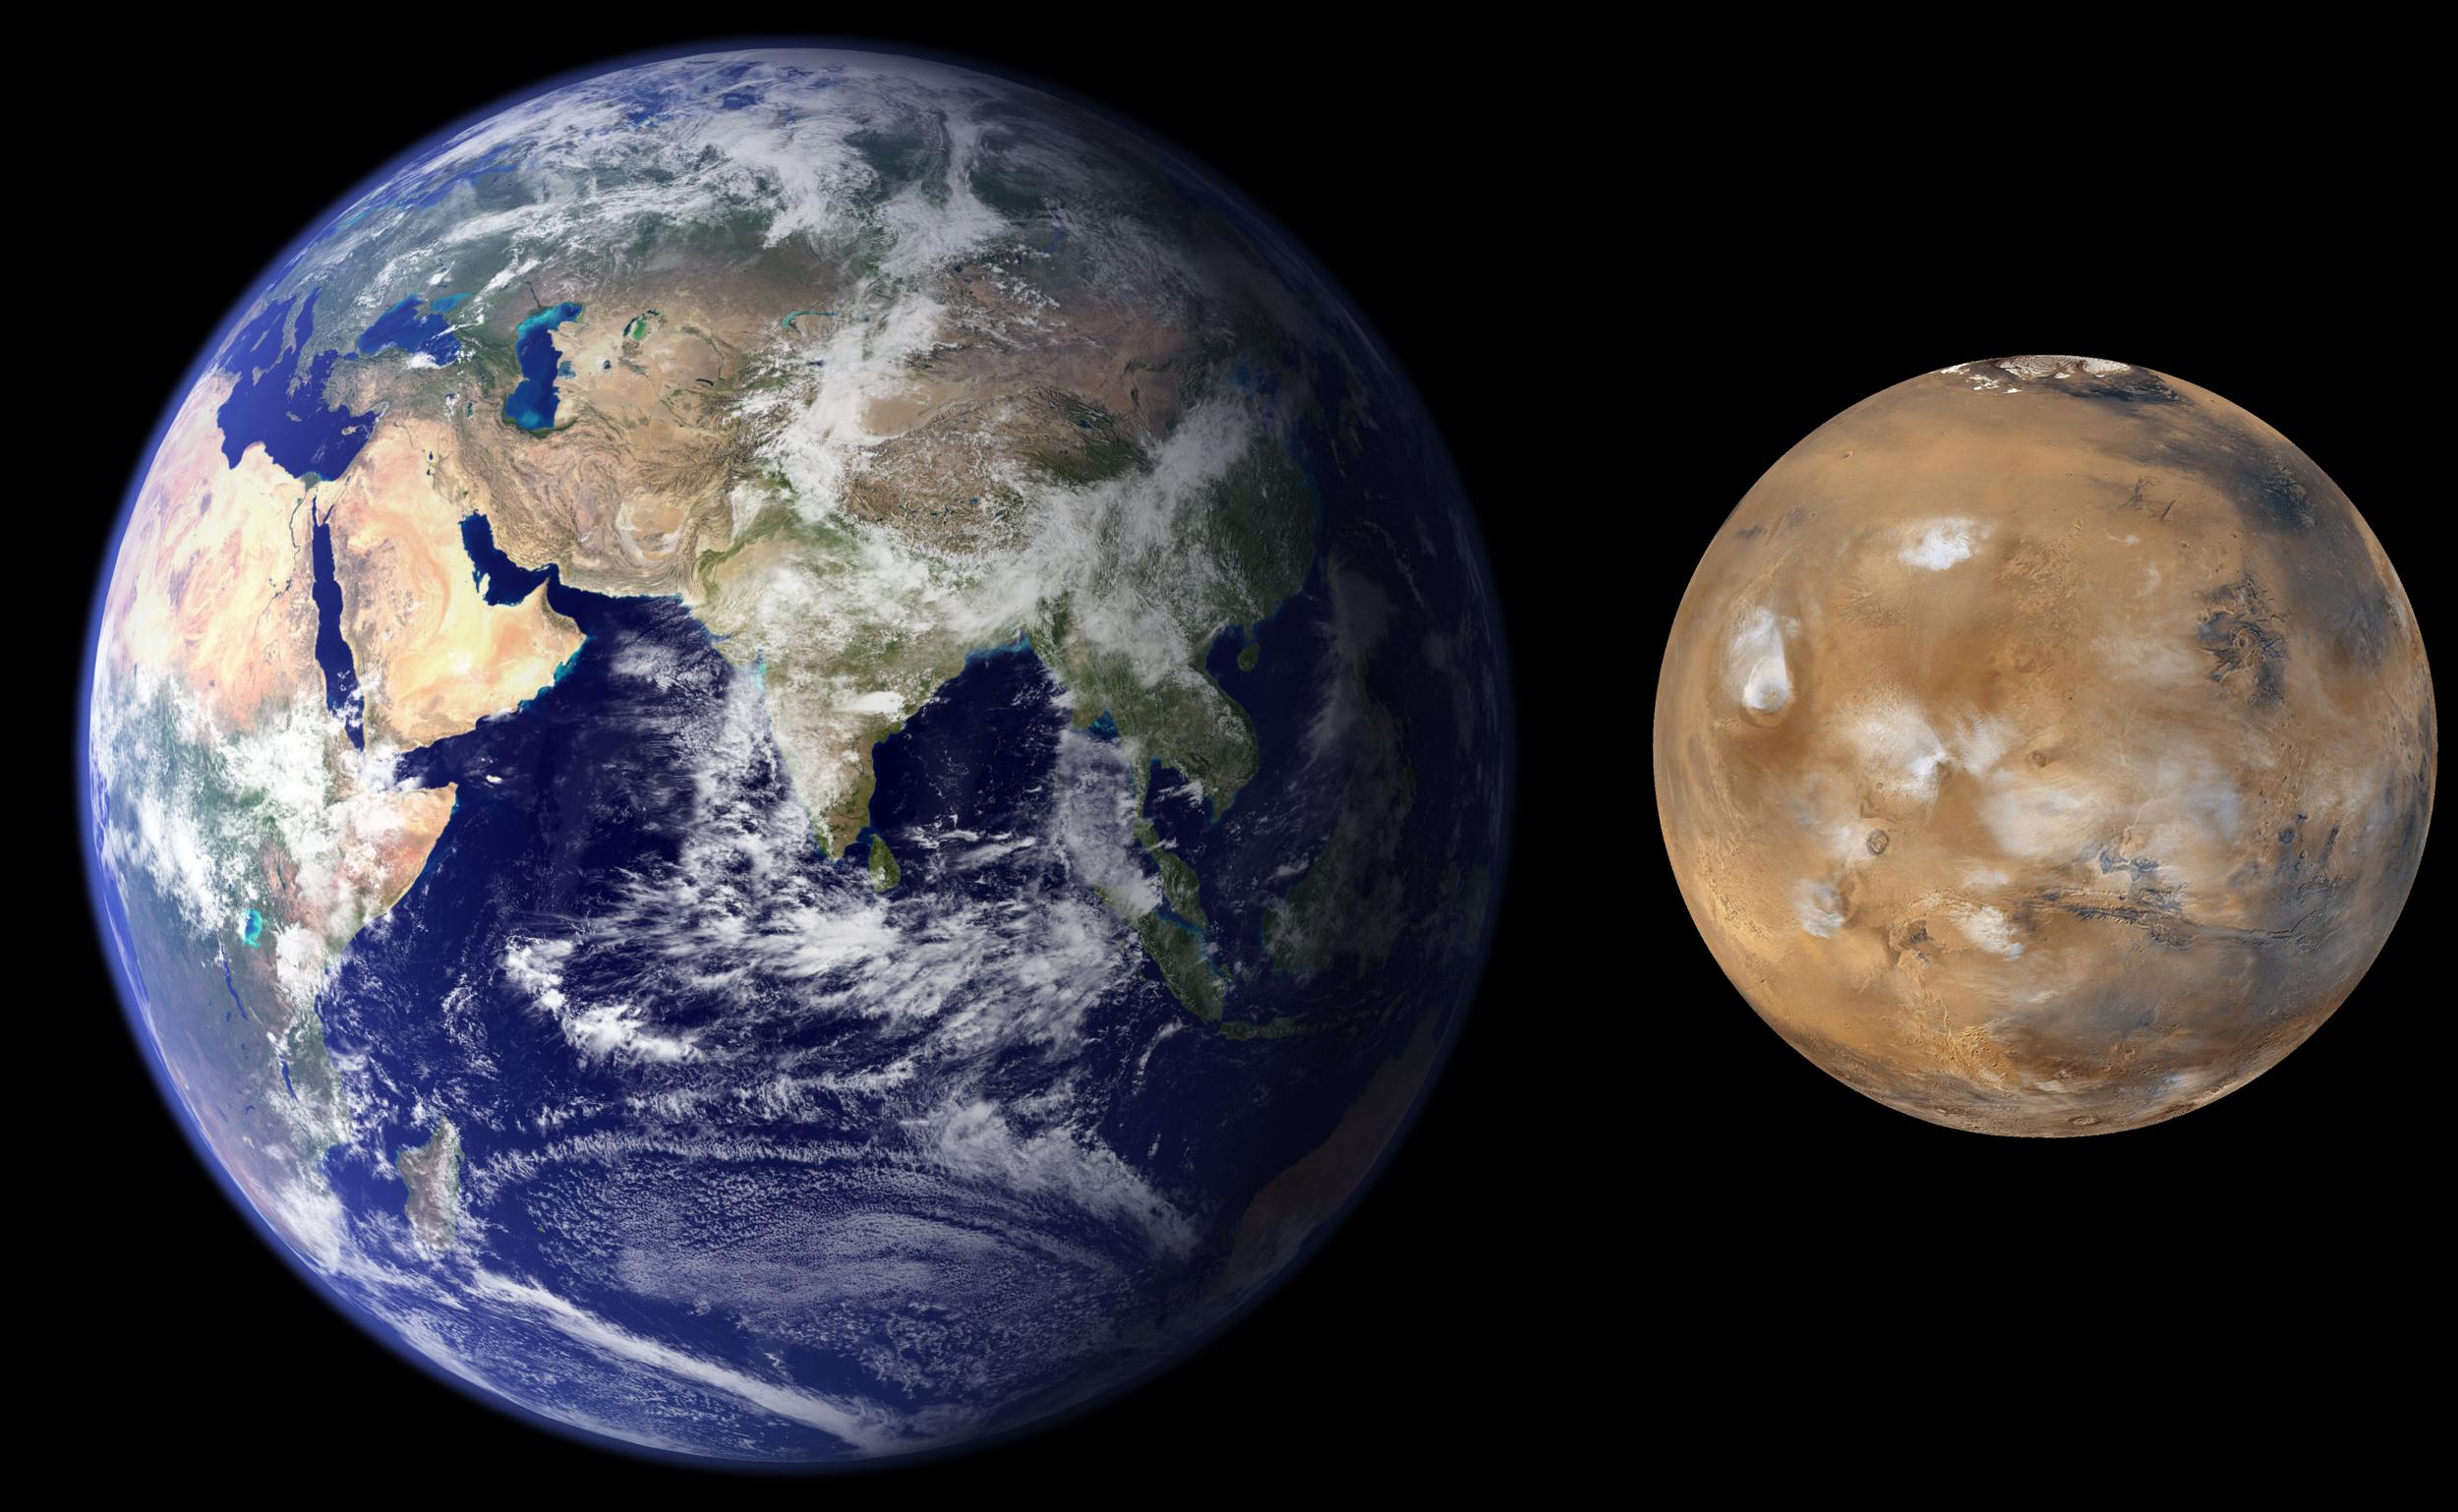 077-01 Erde und Mars